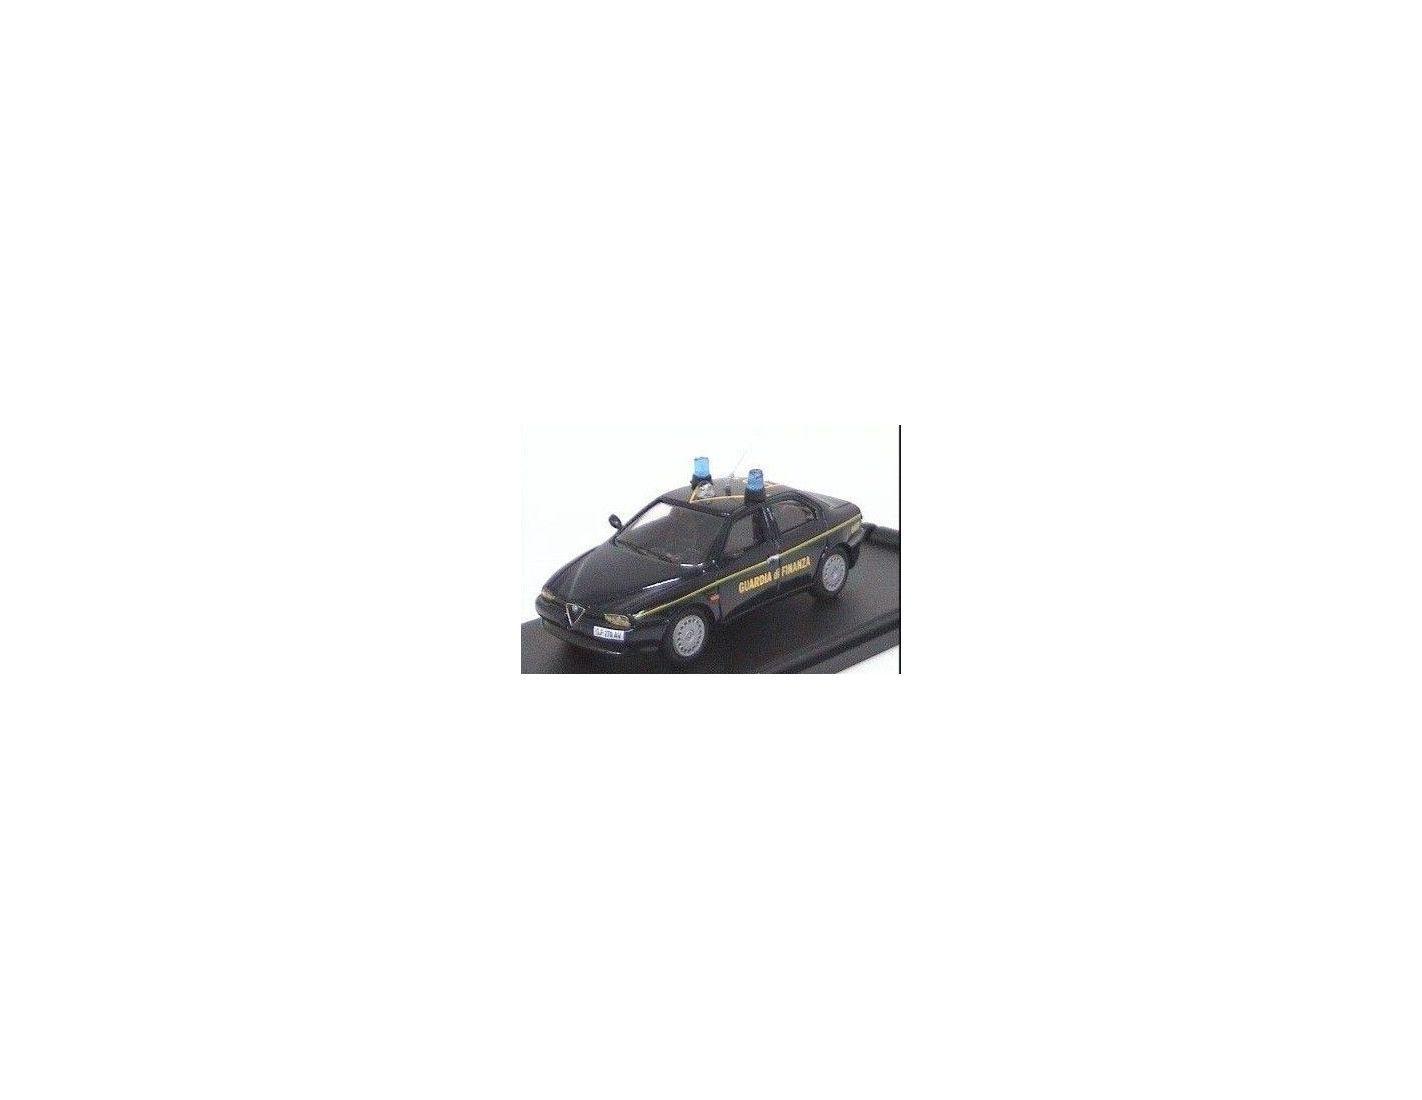 Giocher AR GDF ALFA ROMEO 156 GUARDIA DI FINANZA Modellino